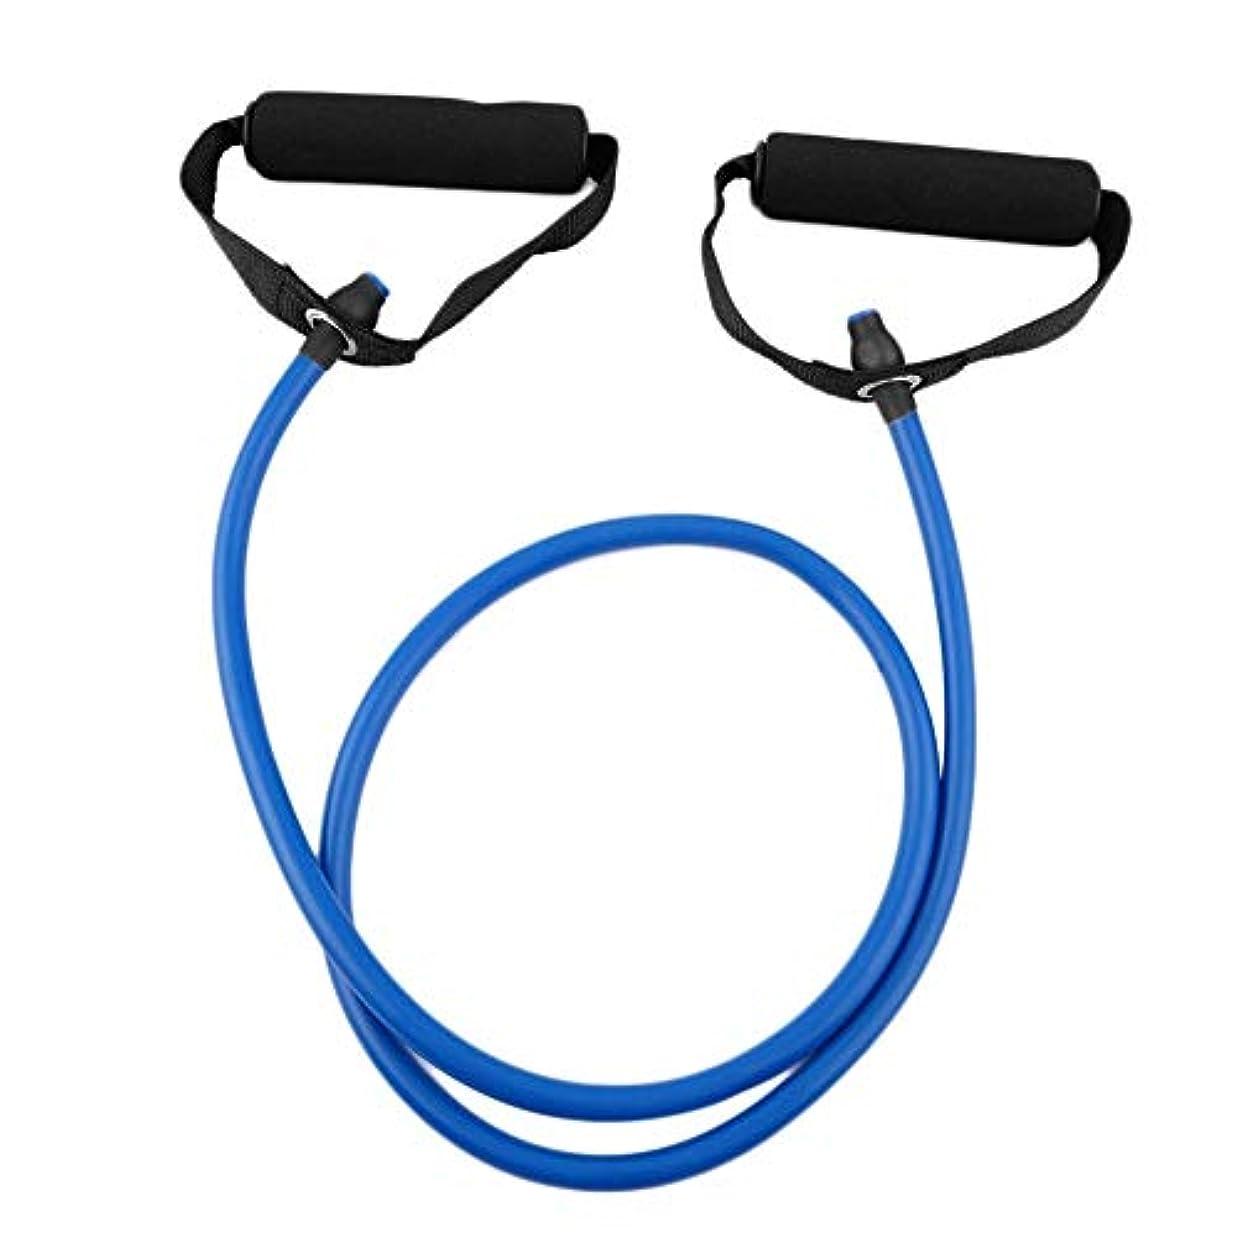 セーブハウス計画的フィットネス抵抗バンドロープチューブ弾性運動用ヨガピラティスワークアウトホームスポーツプルロープジムエクササイズツール(Color:blue)